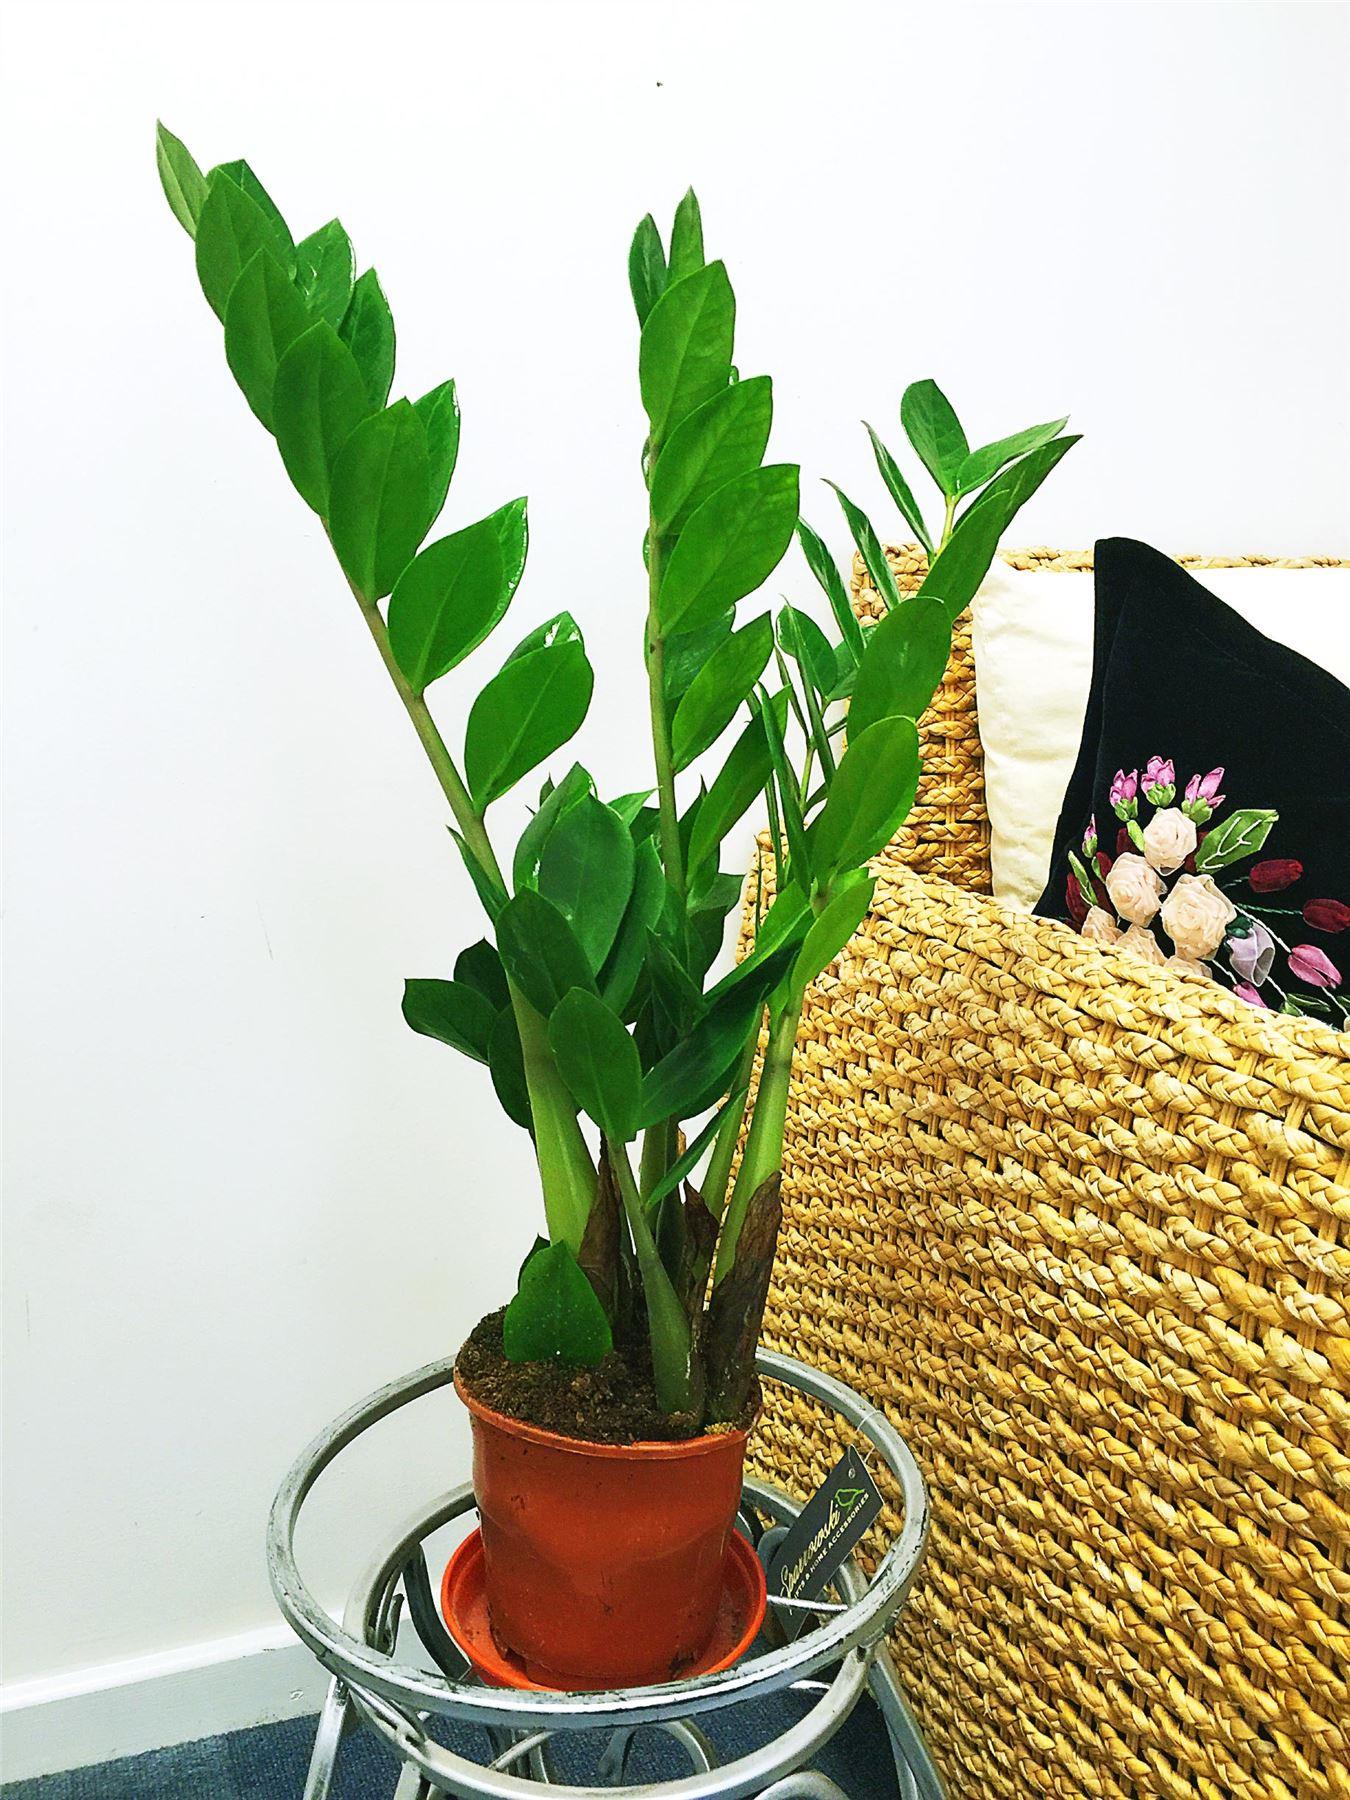 Easyplants traditionellen immergr n indoor pflanzen garten for Evergreen pflanzen